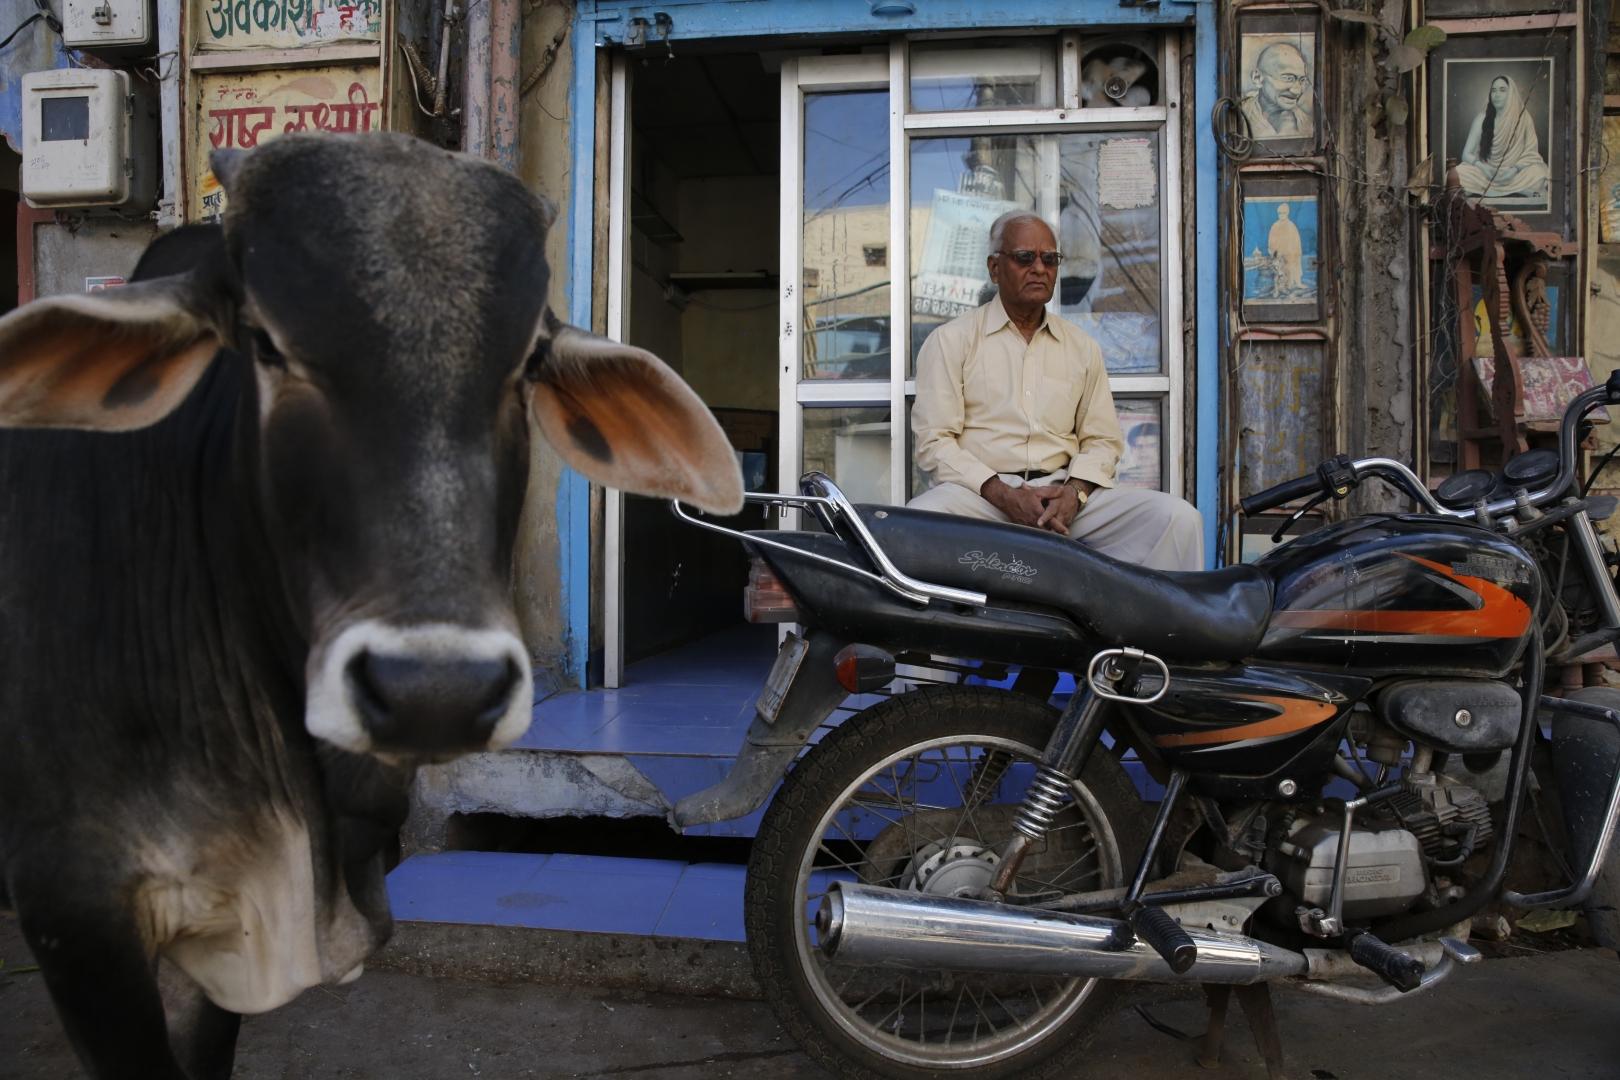 В Джодхпуре, как и во всей Индии, люди любят передвигаться на мотоциклах — по некоторым улочкам не проехать на машине. Также очень популярен велосипед